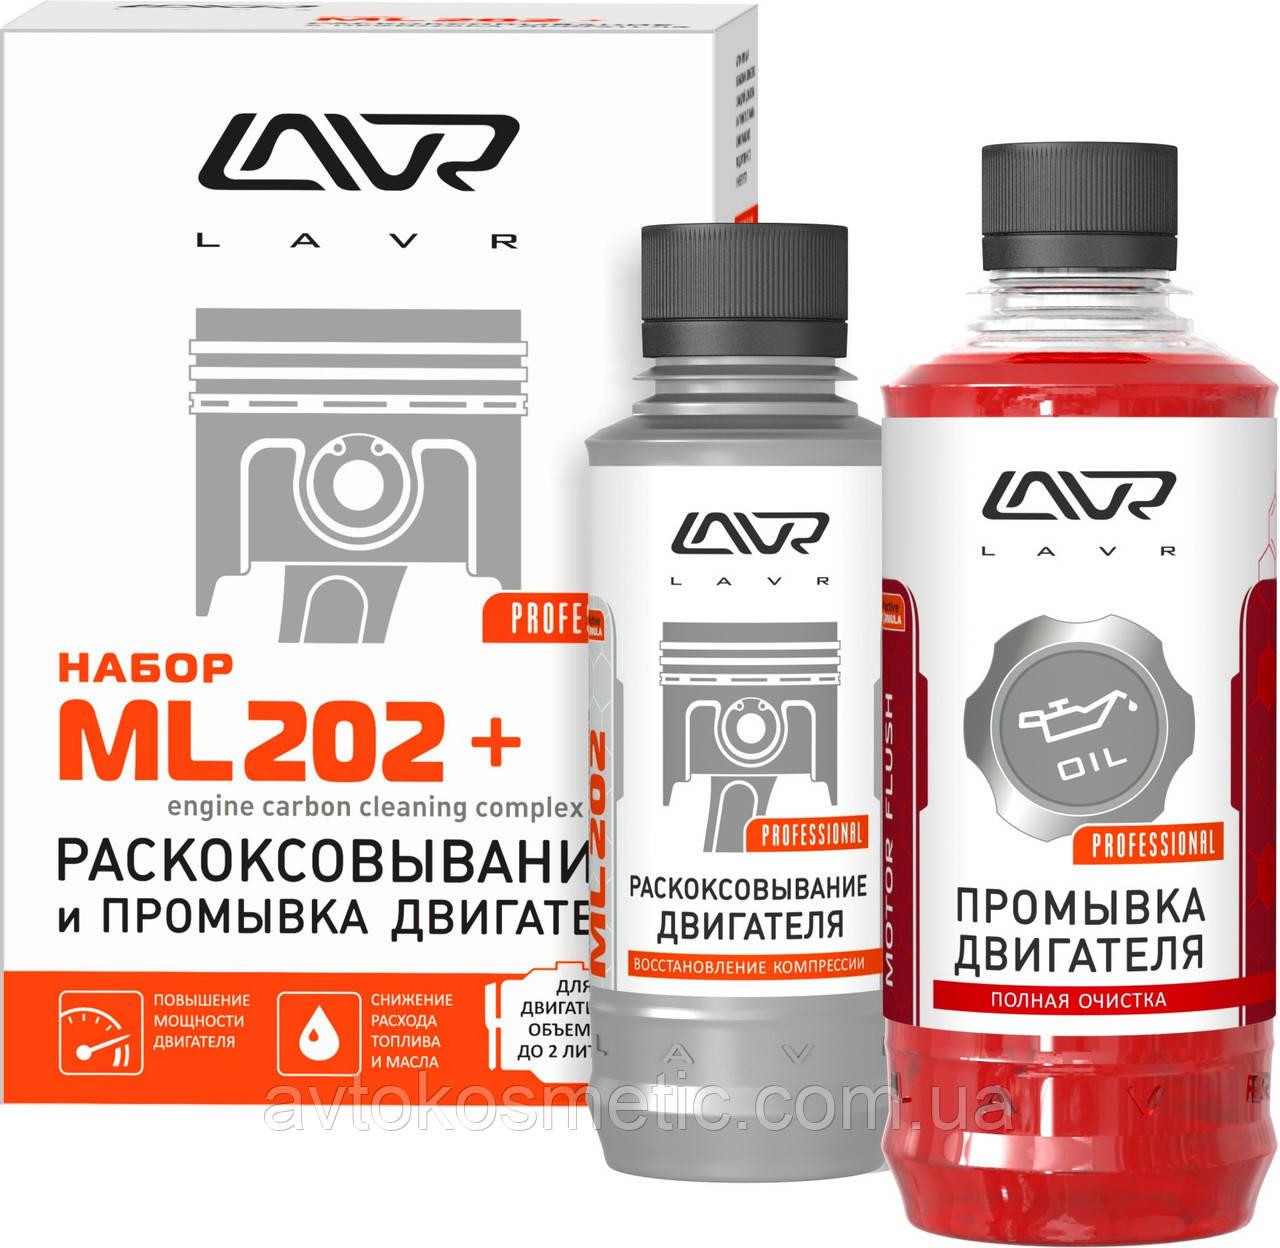 Раскоксовывание LAVR МL-202 (185 мл) + Промывка двигателя